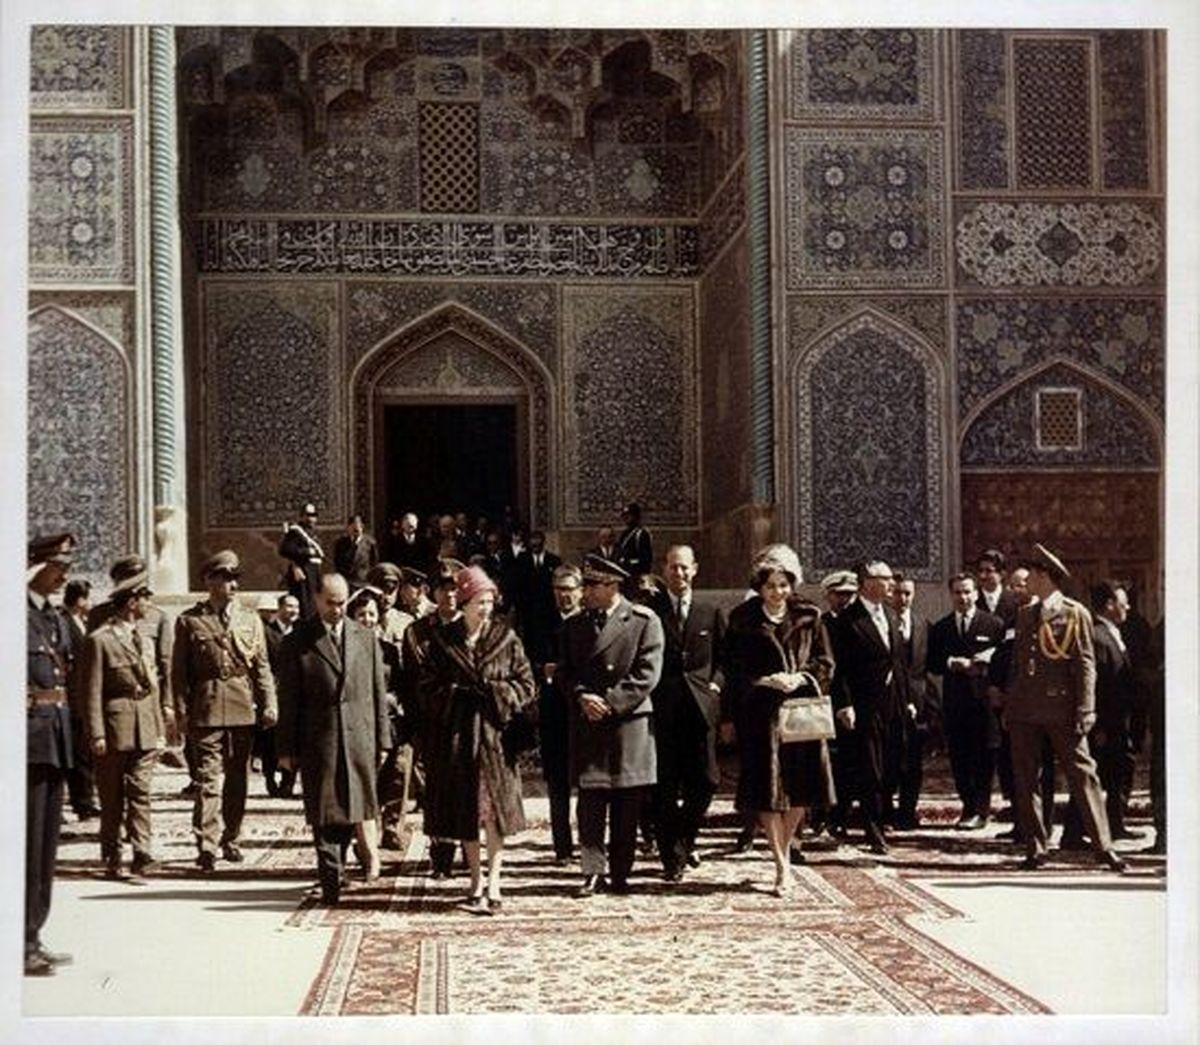 همسر ملکه انگلیس به تهران آمد + عکس